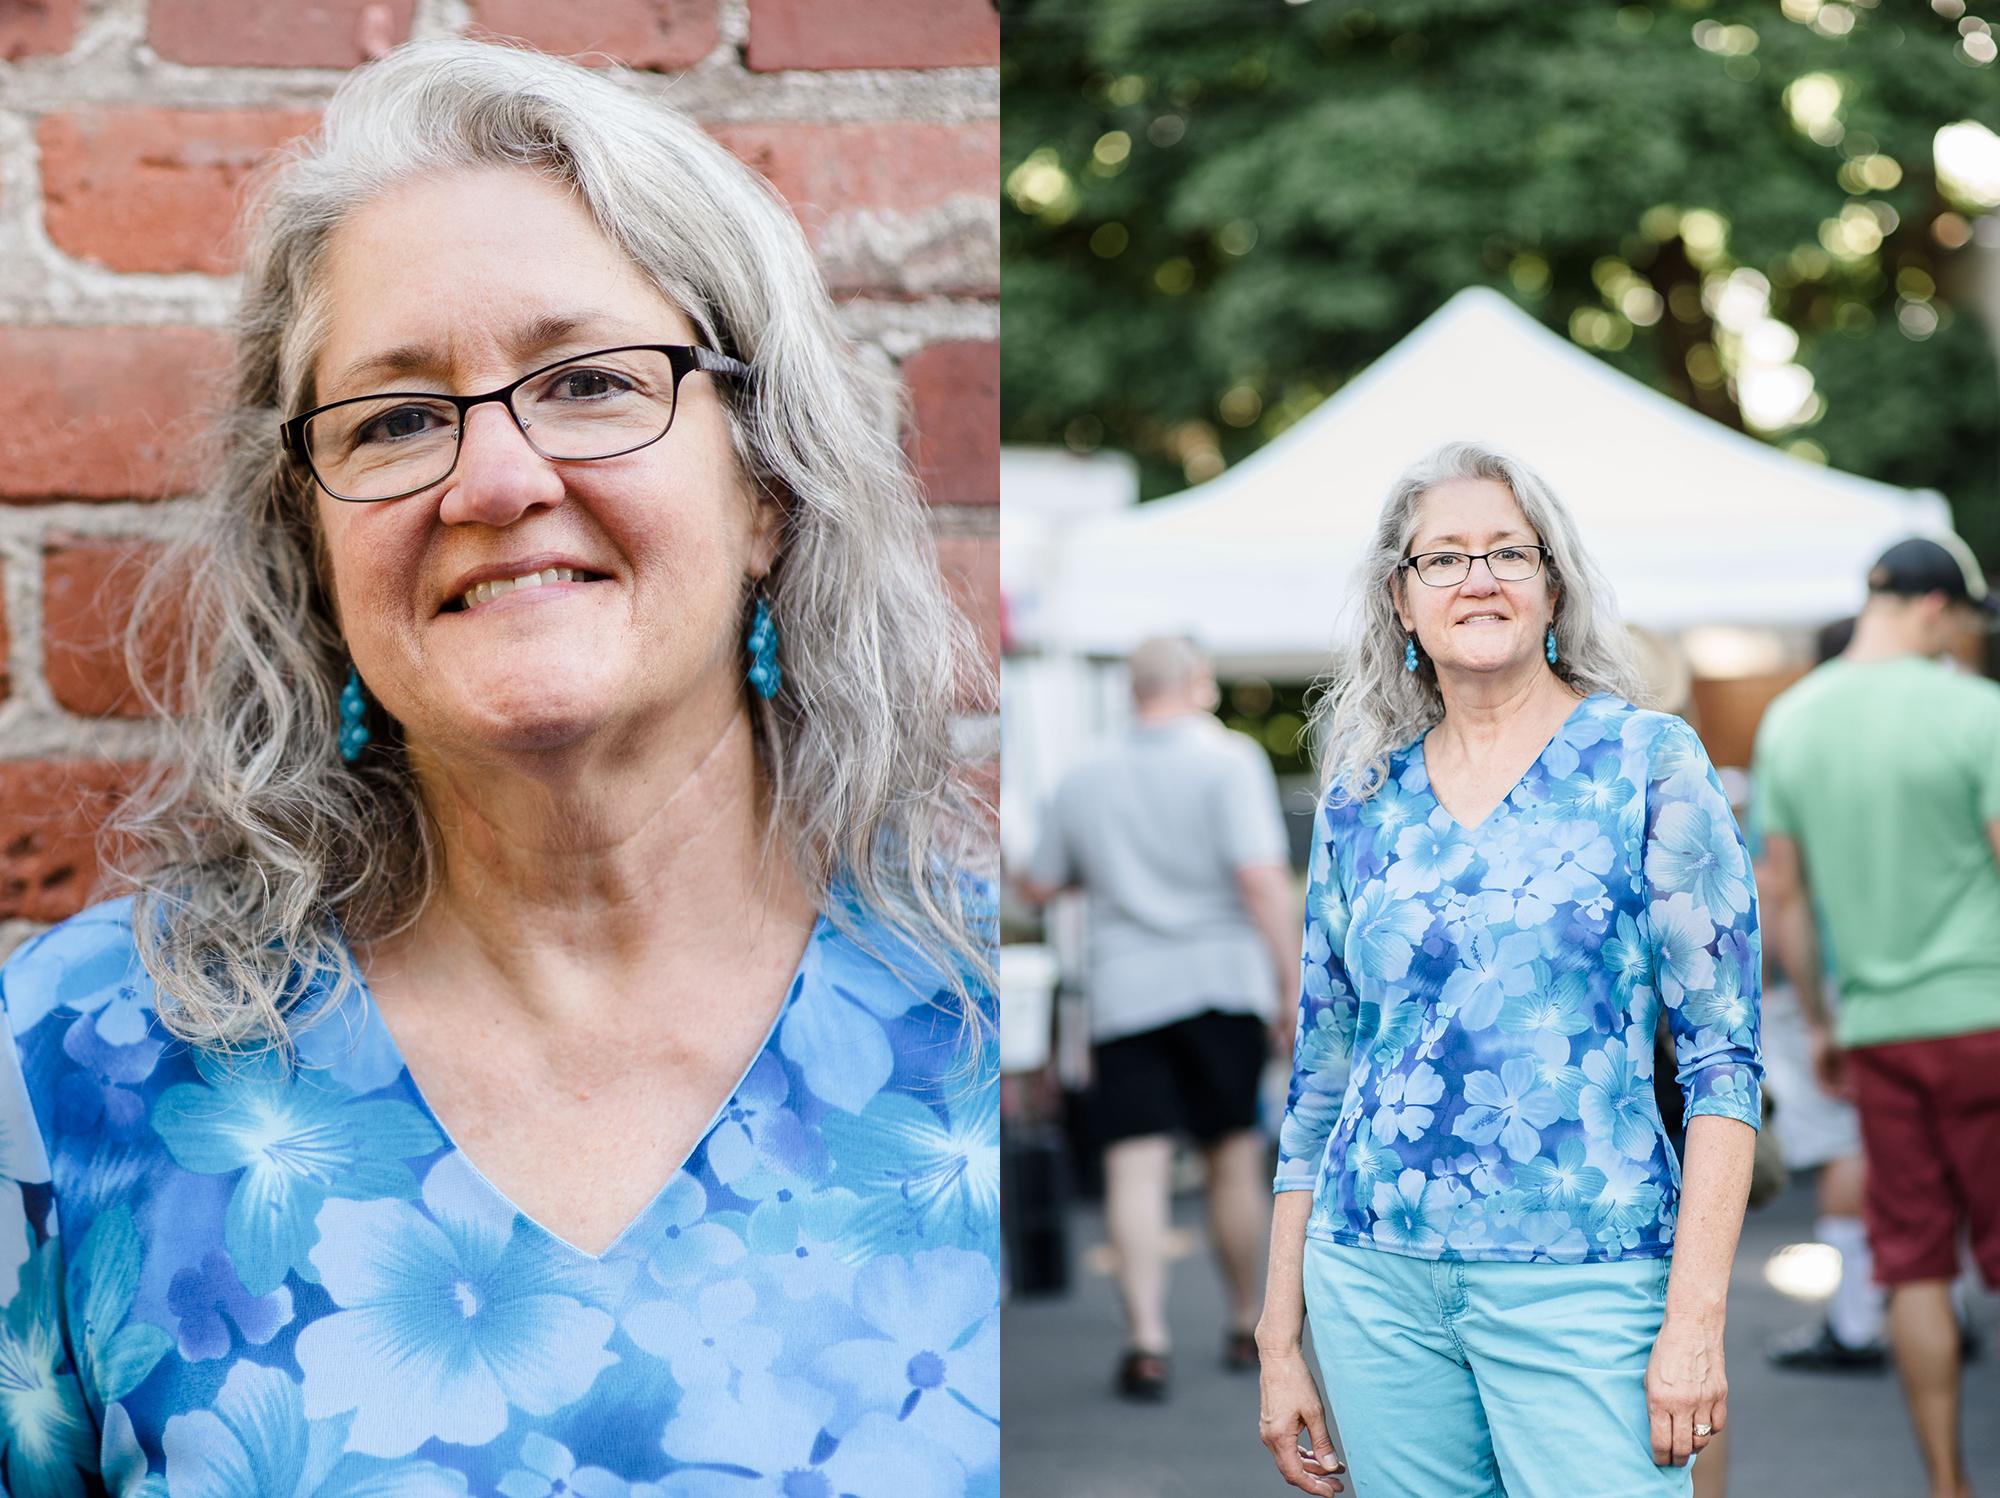 Nancy Weisen